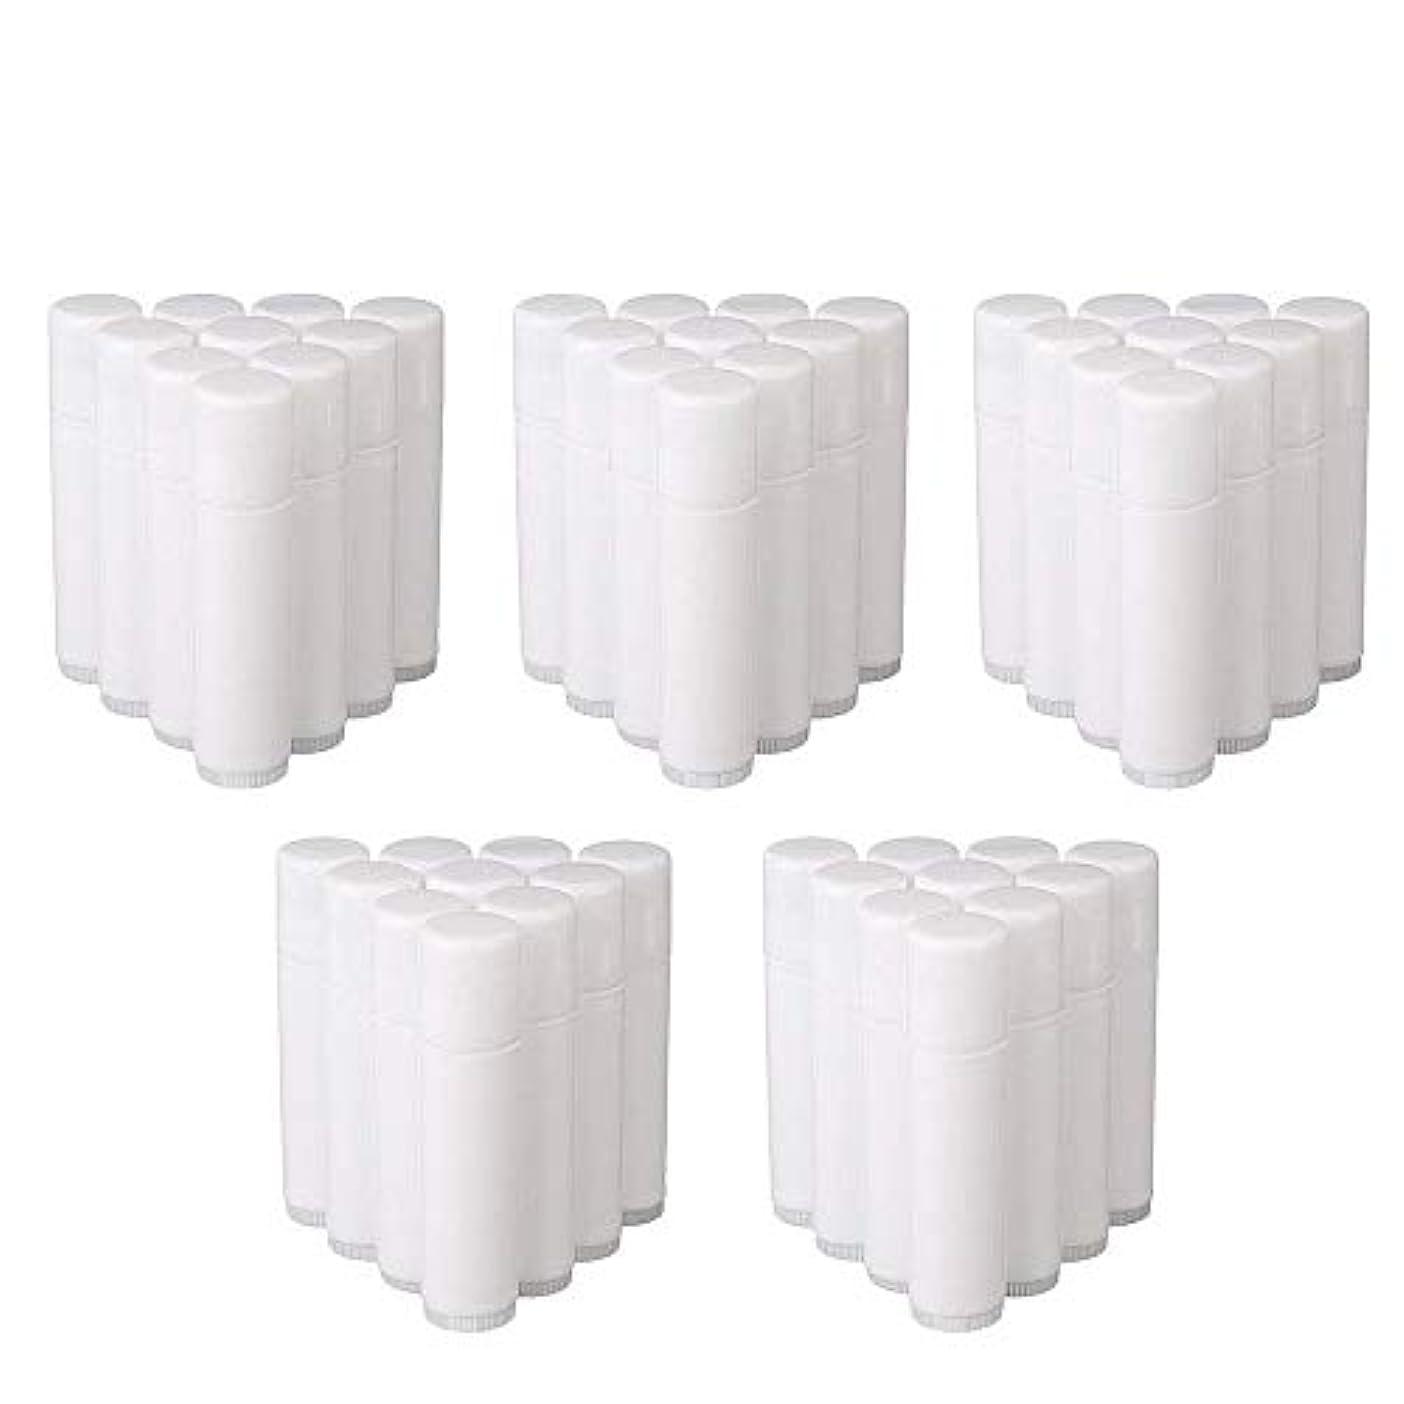 ペチュランス例示する午後COOLBOTANG リップバームチューブ リップクリーム 繰り出し ホワイト 手作りコスメ 手作り化粧品/リップクリーム 50個 5g ミニ 詰め替え容器